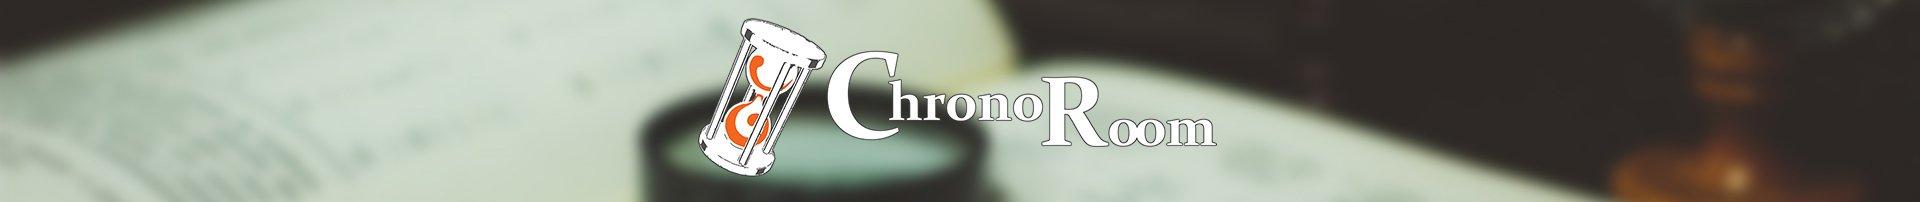 escape game chrono room.jpg